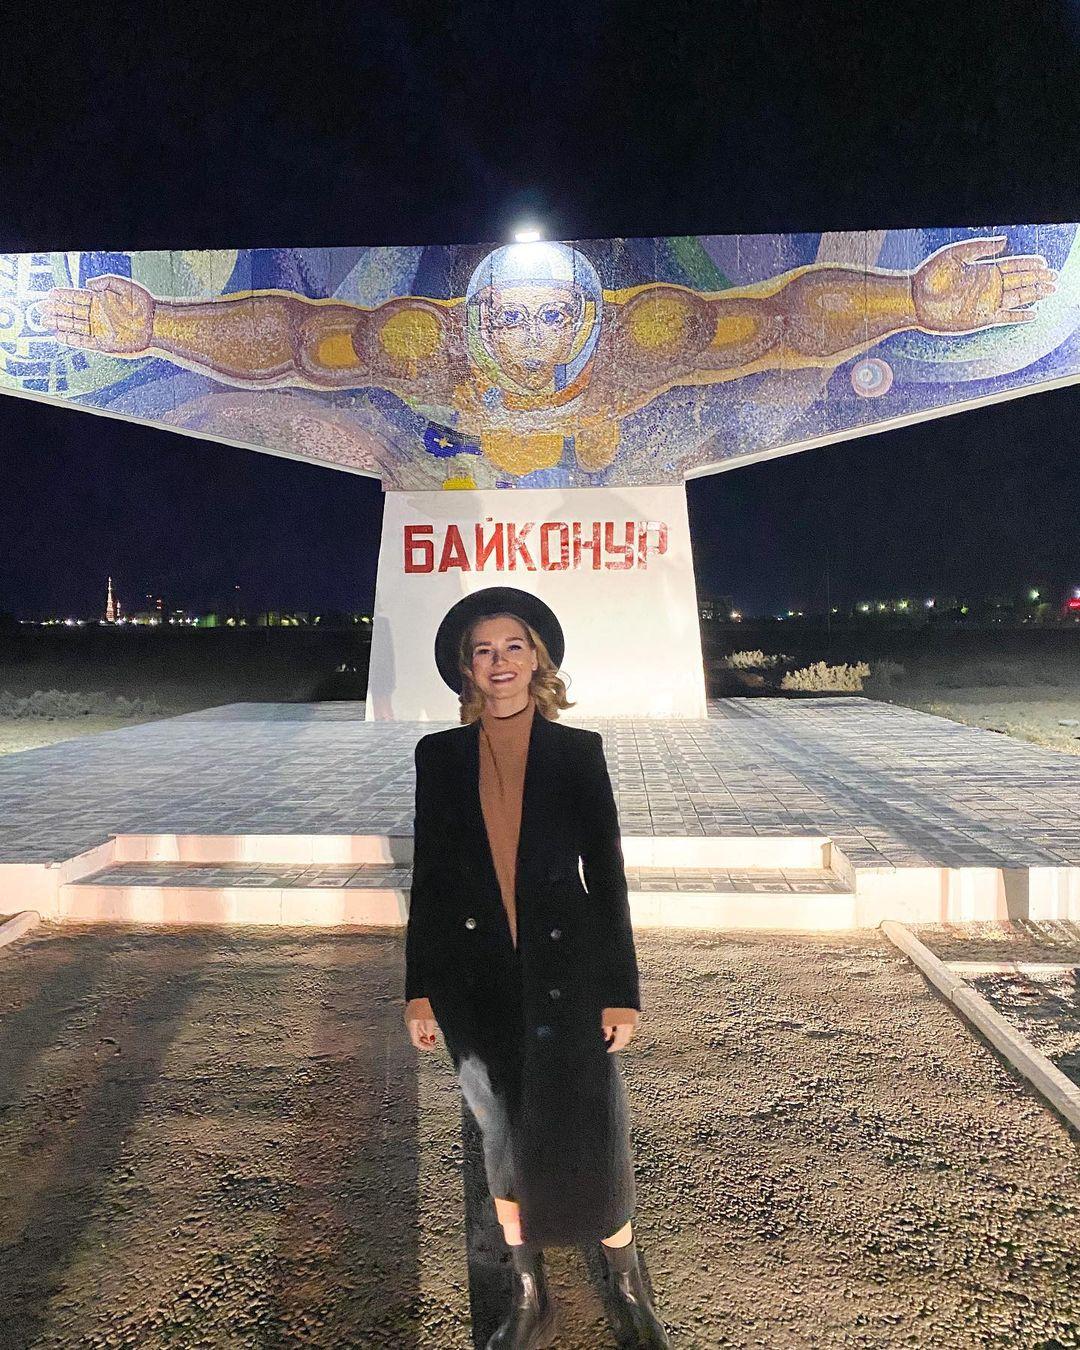 Кристина Асмус поделилась впечатлениями от запуска в космос Юлии Пересильд и Клима Шипенко